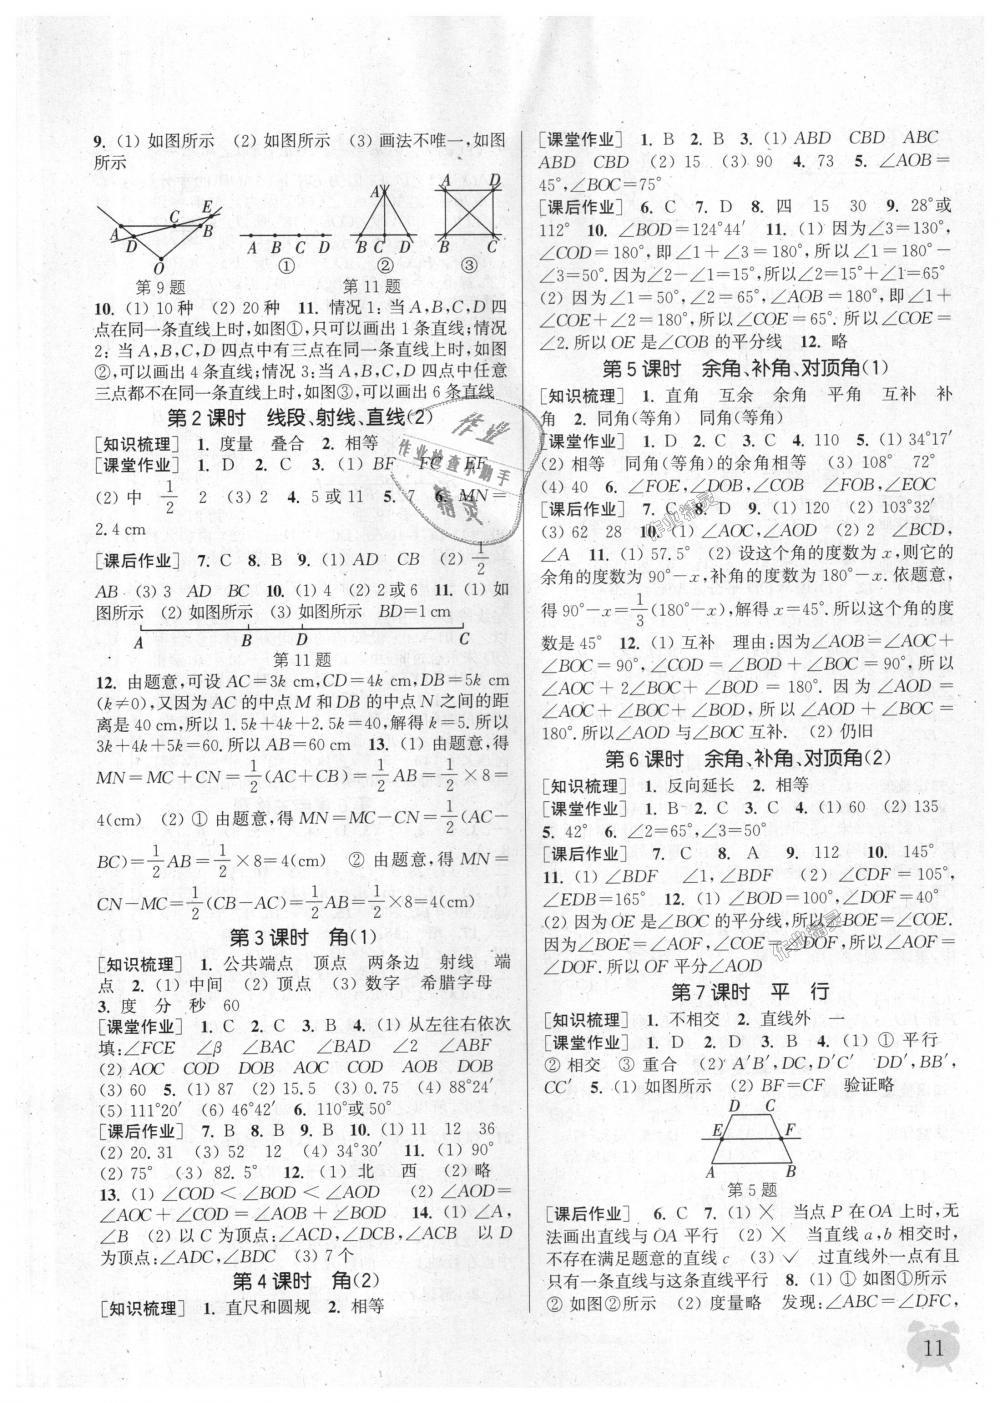 2018年通城学典课时作业本七年级数学上册江苏版江苏专用第11页